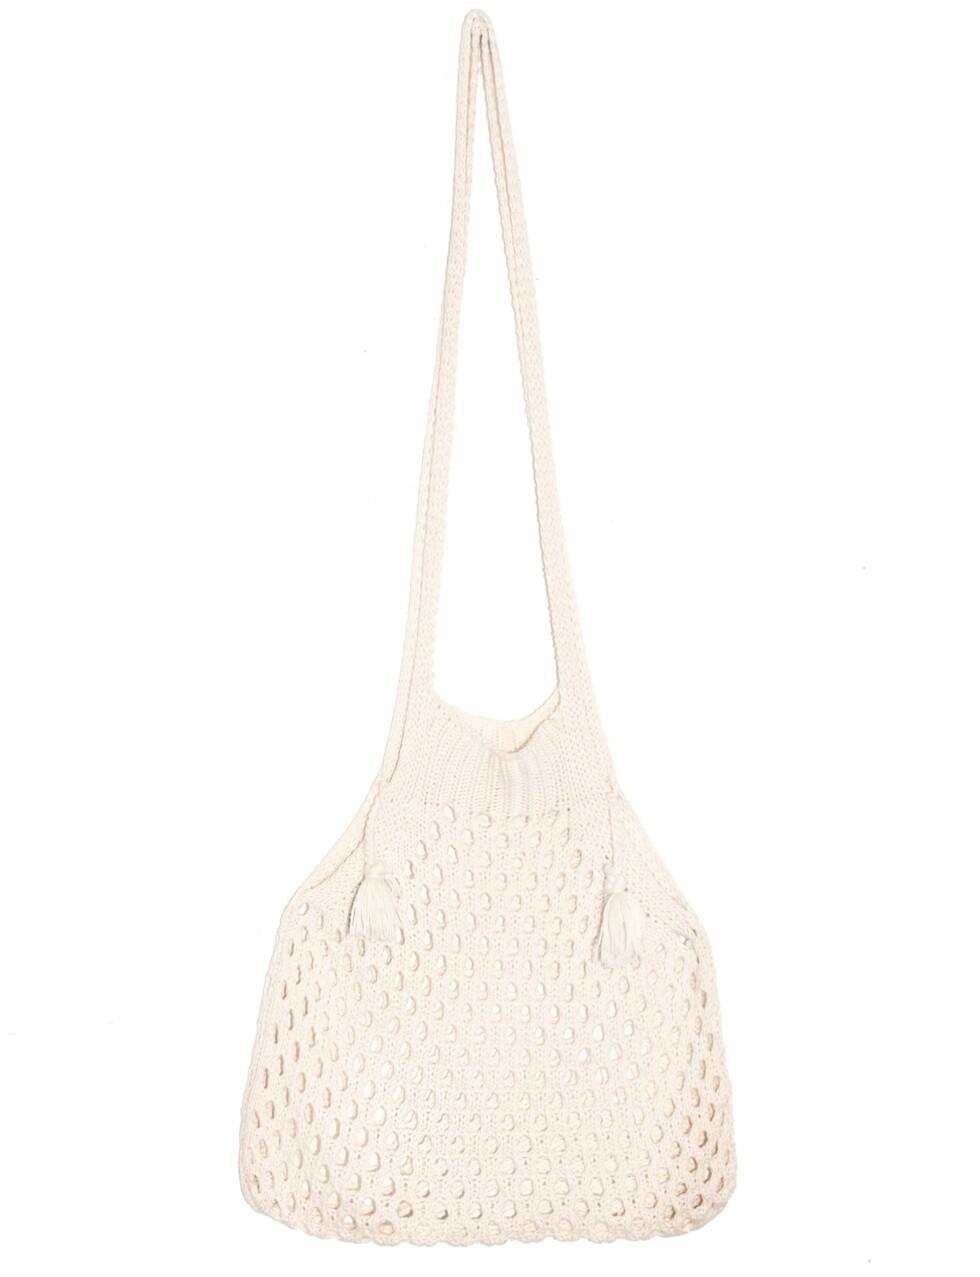 <strong>Nett-veske fra Pixie Market | kr 530 | http:</strong>//www.pixiemarket.com/knit-fisherman-net-shoulder-bag.html